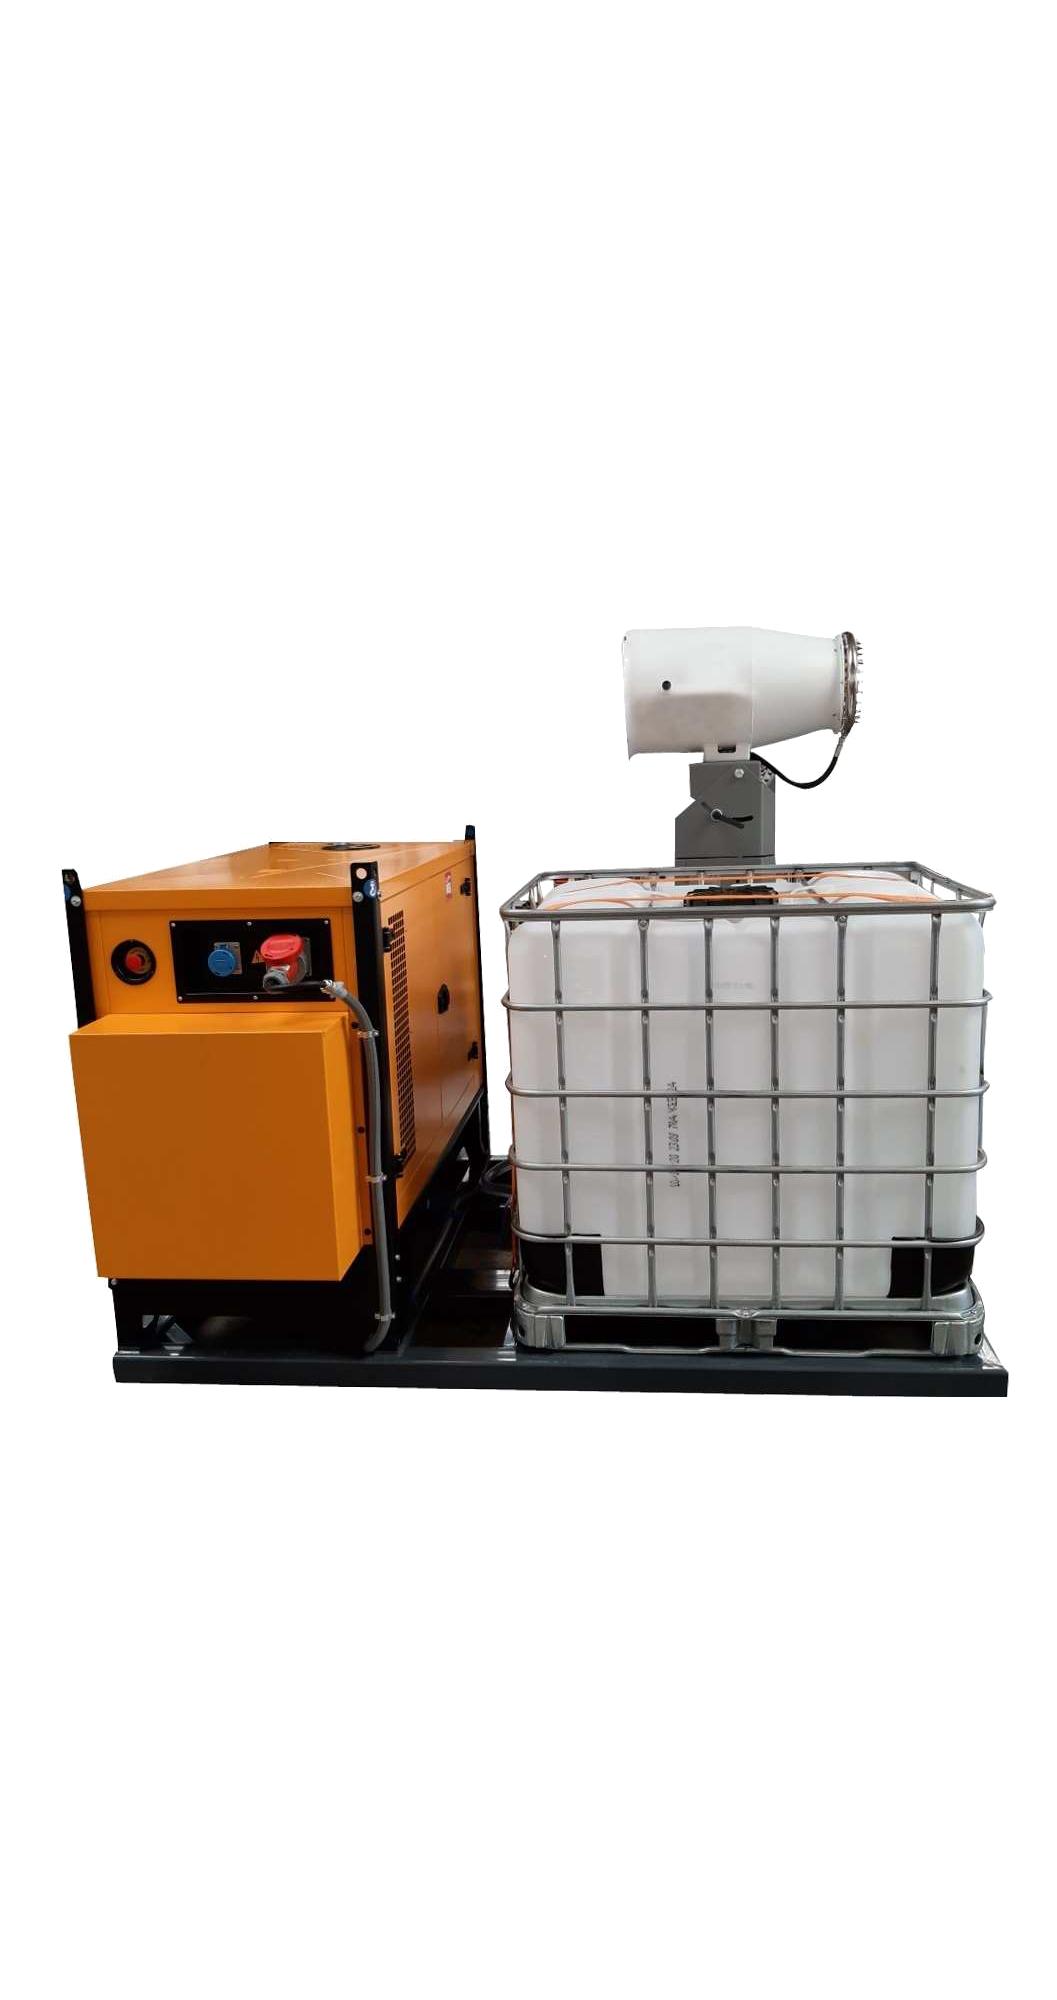 Nevelkanon met generator en waterreservoir